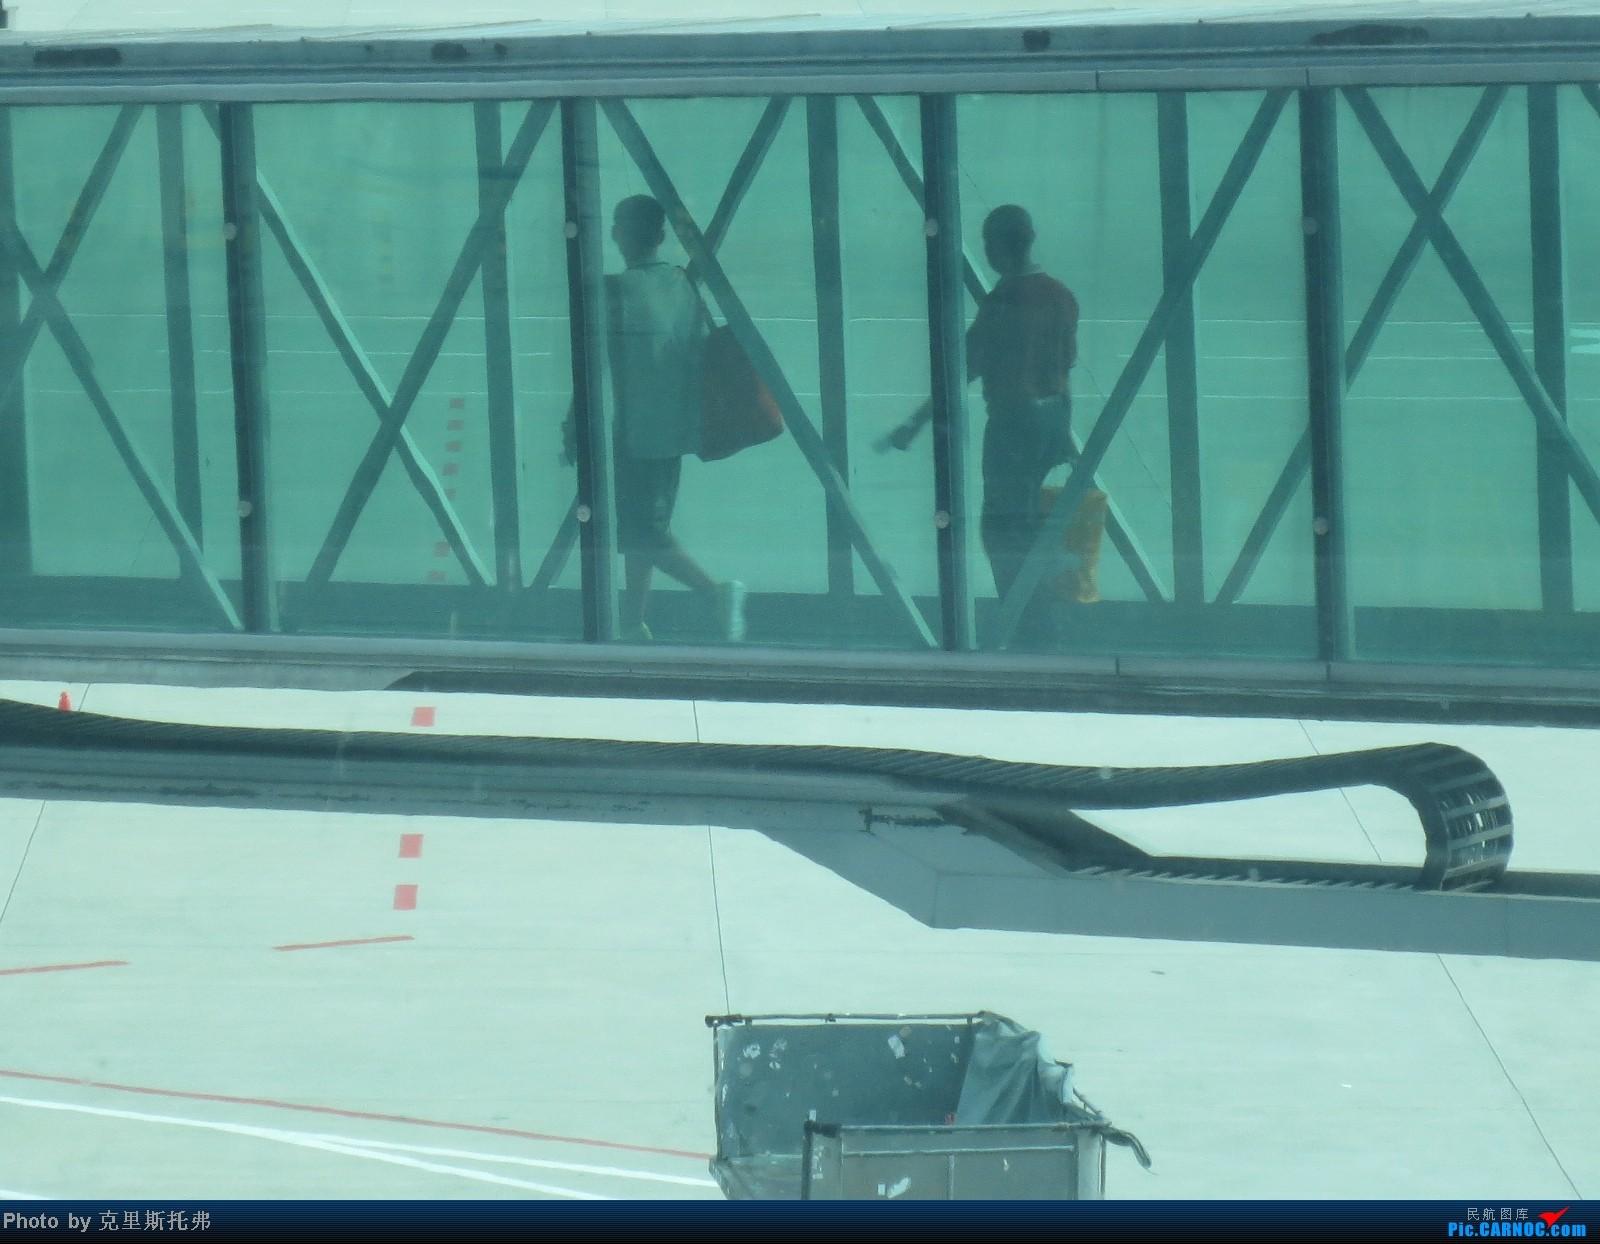 Re:[原创]【广州,你好!】八月齐鲁行 第一集 {初到齐鲁城} 不期而遇,鹏程行万里 相伴相惜,享飞行至美 AIRBUS A320-200 B-6725